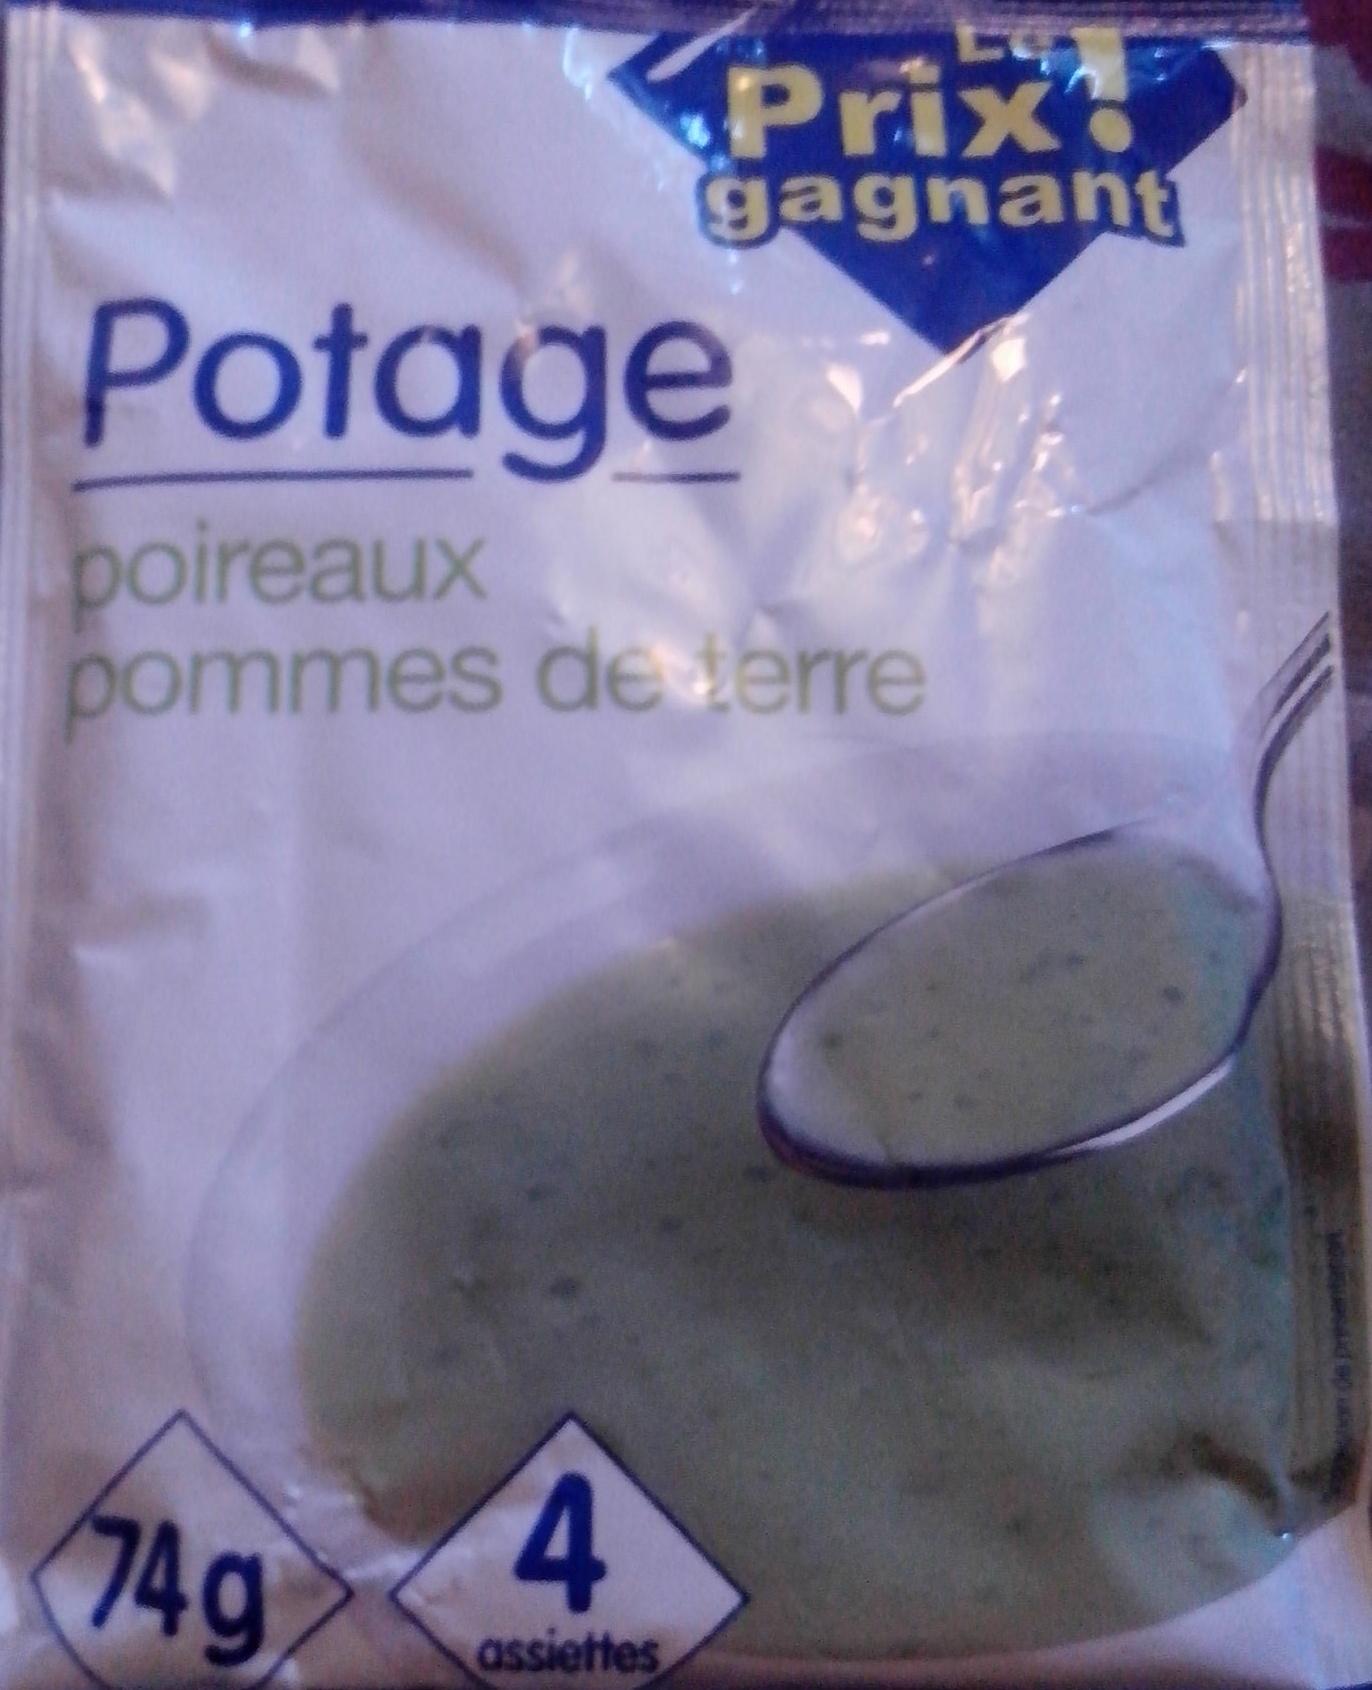 Potage poireaux pommes de terre - Product